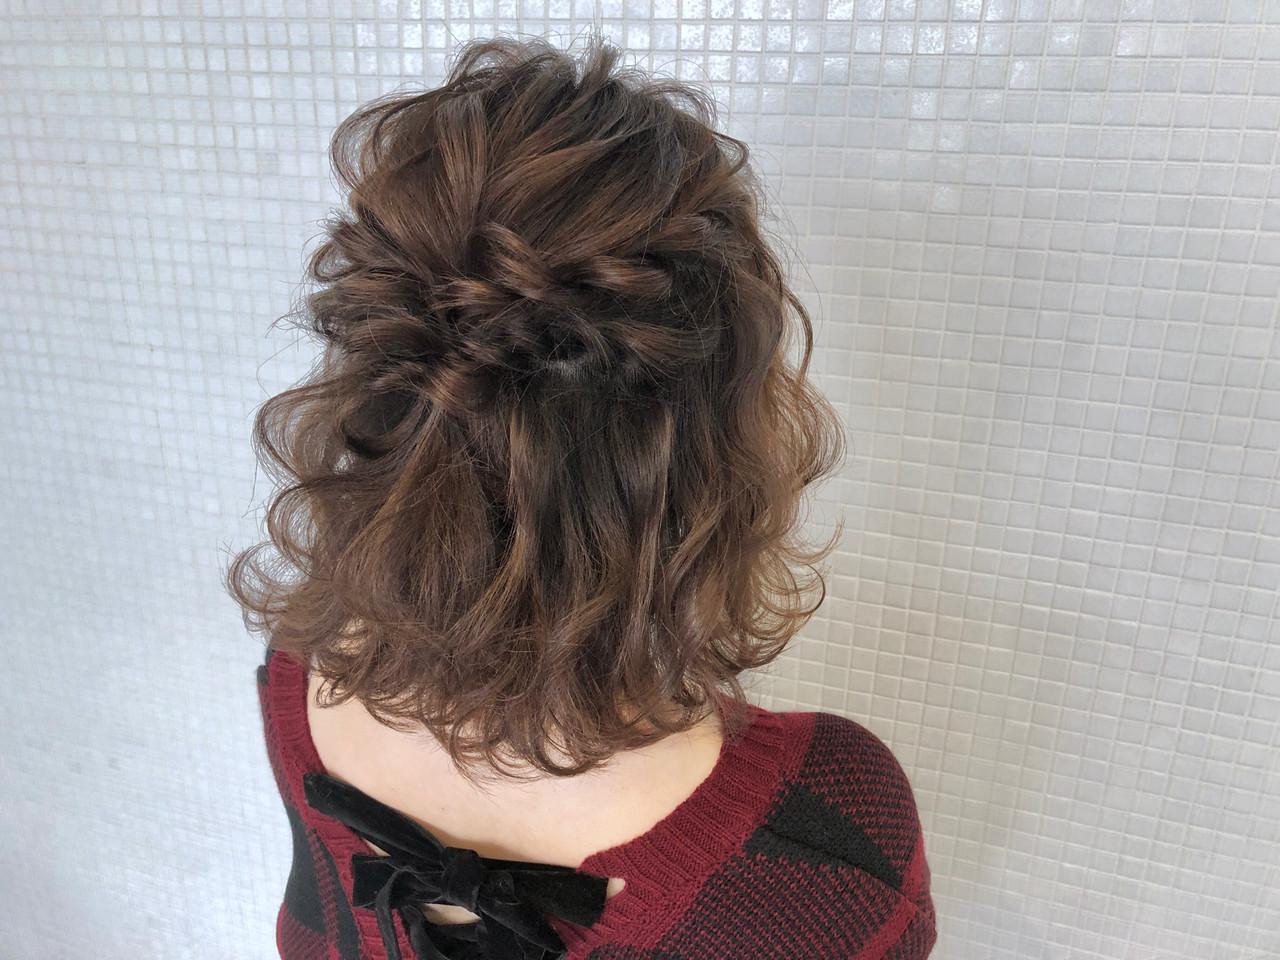 人気の編みウェーブヘアでふんわりハーフアップ takashi cawamura